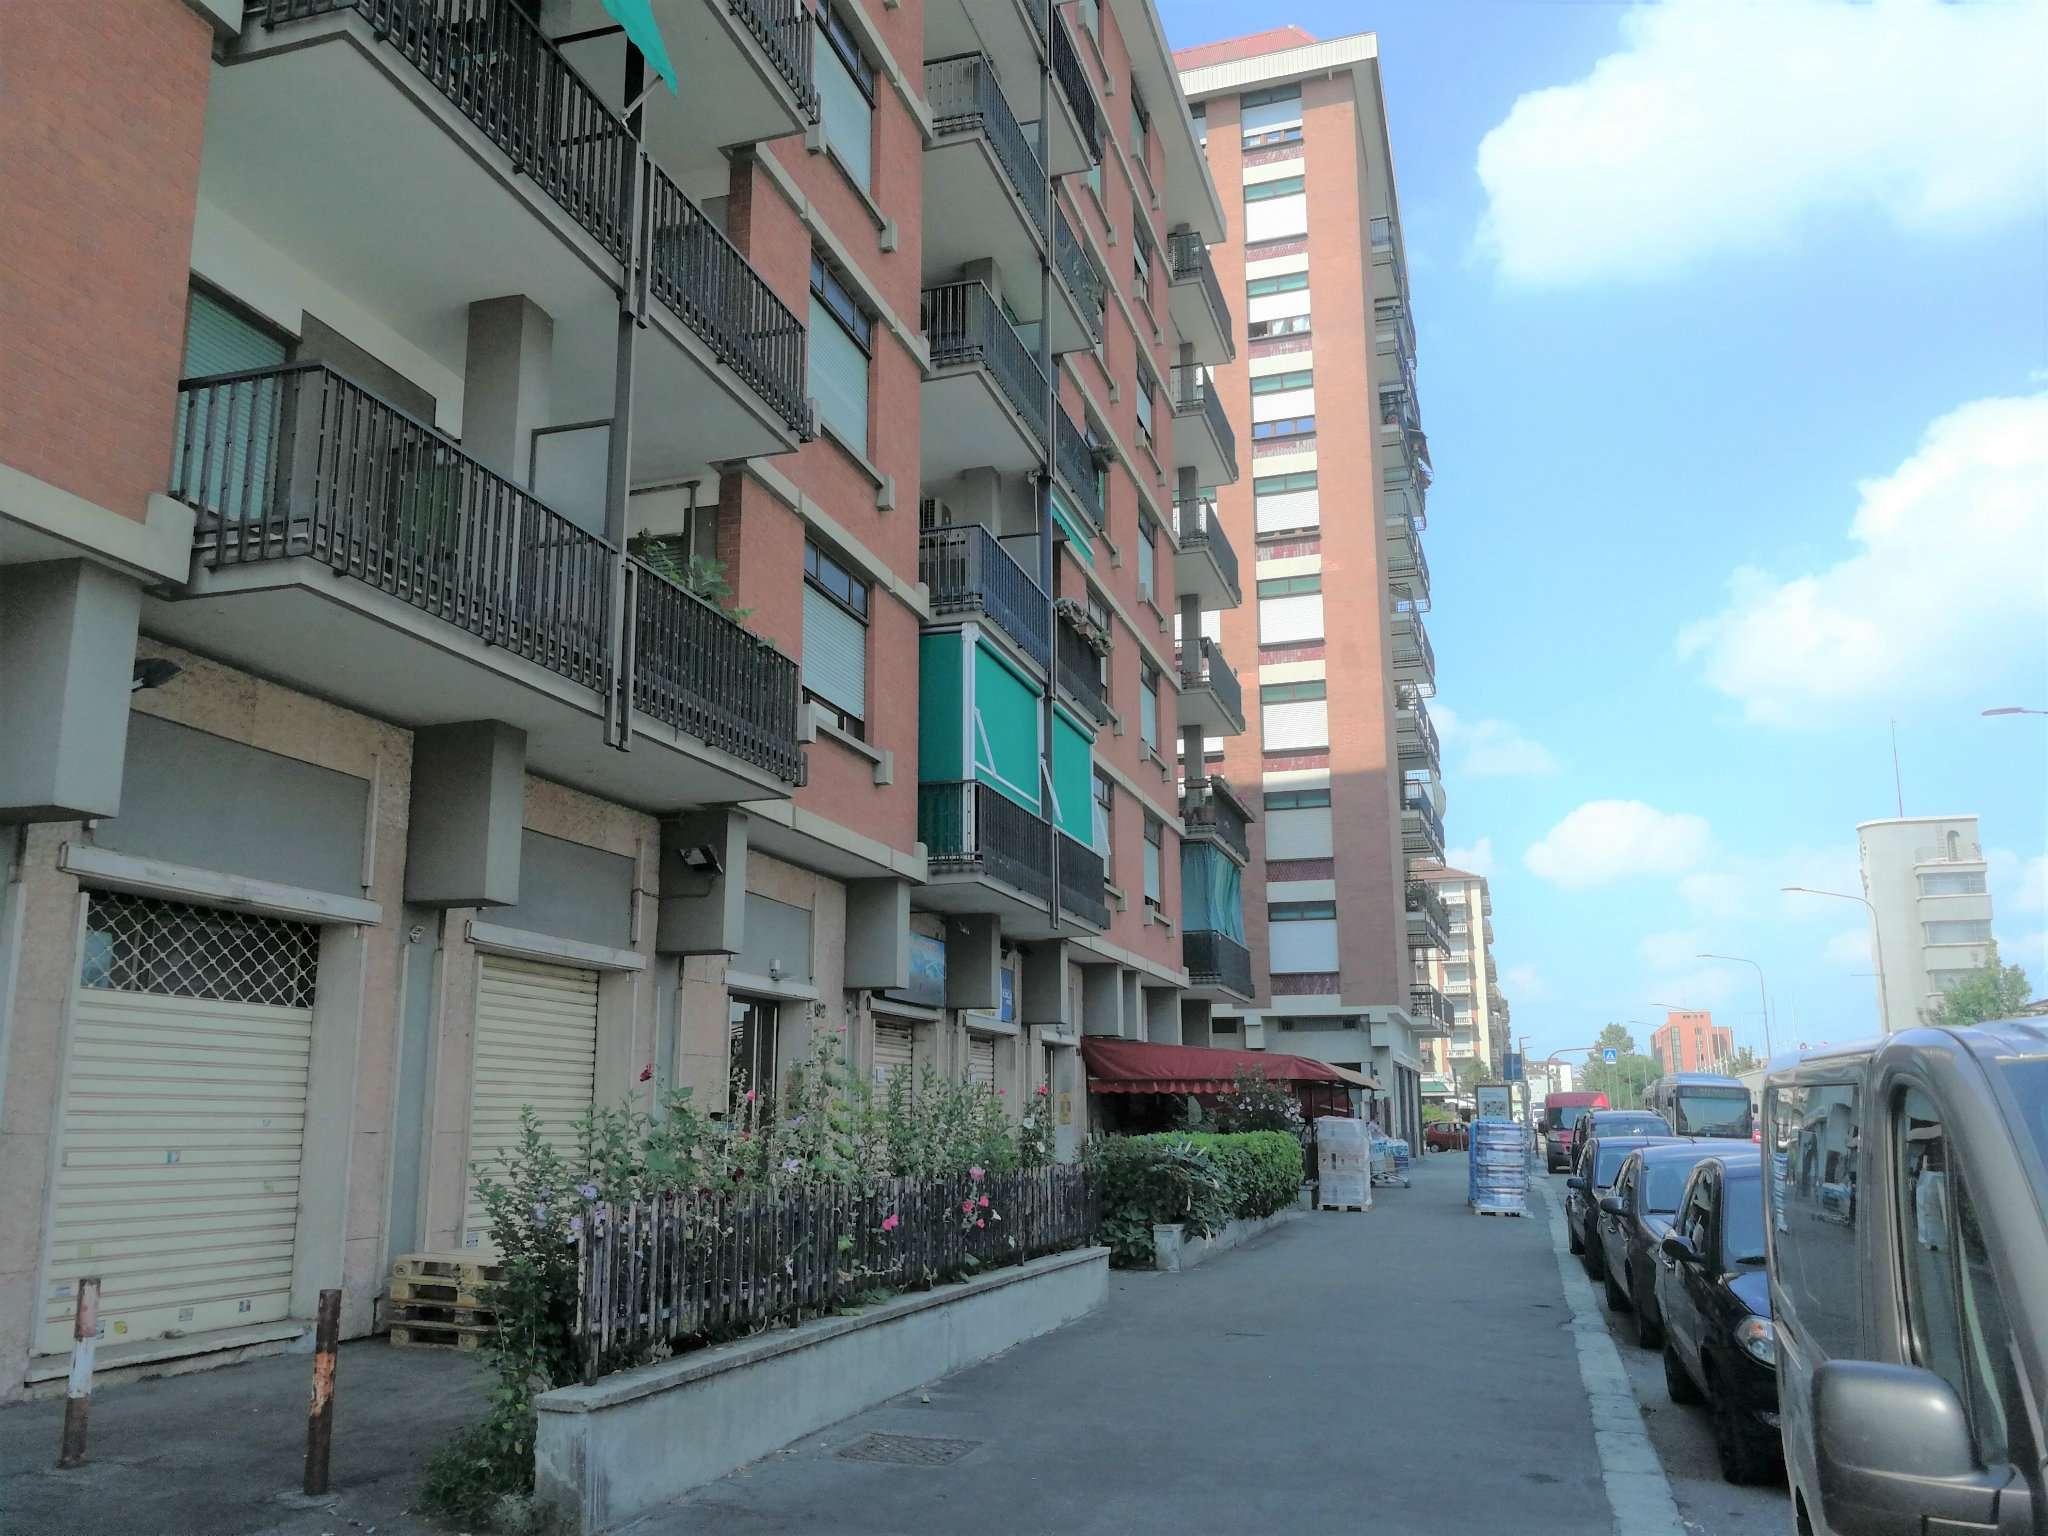 Negozio in affitto Zona Lingotto - via Giordano Bruno 192 Torino